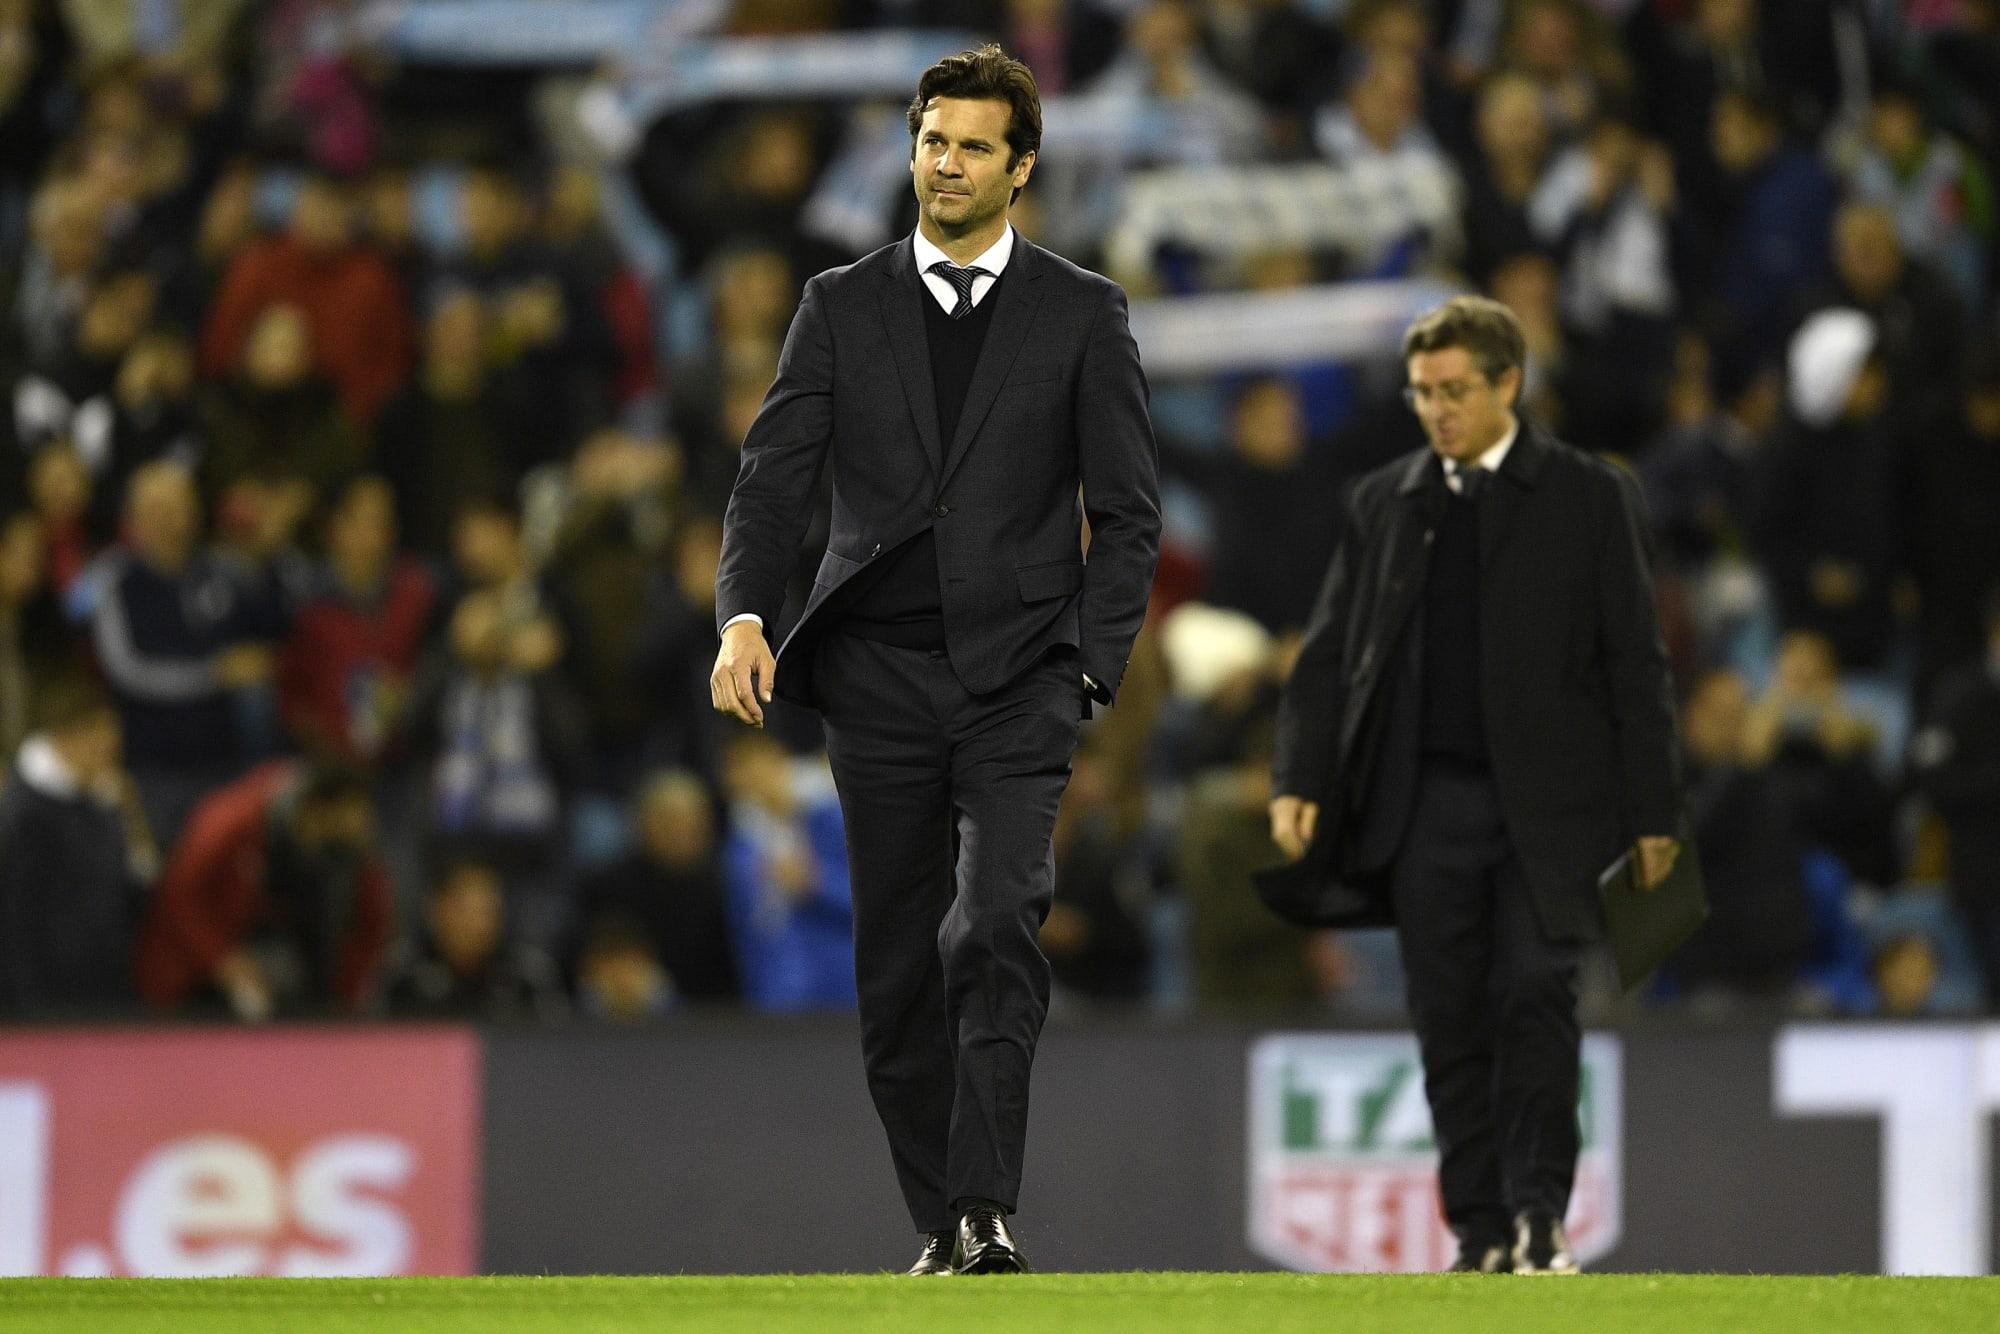 Solari: El Clasico will be a thriller - Managing Madrid